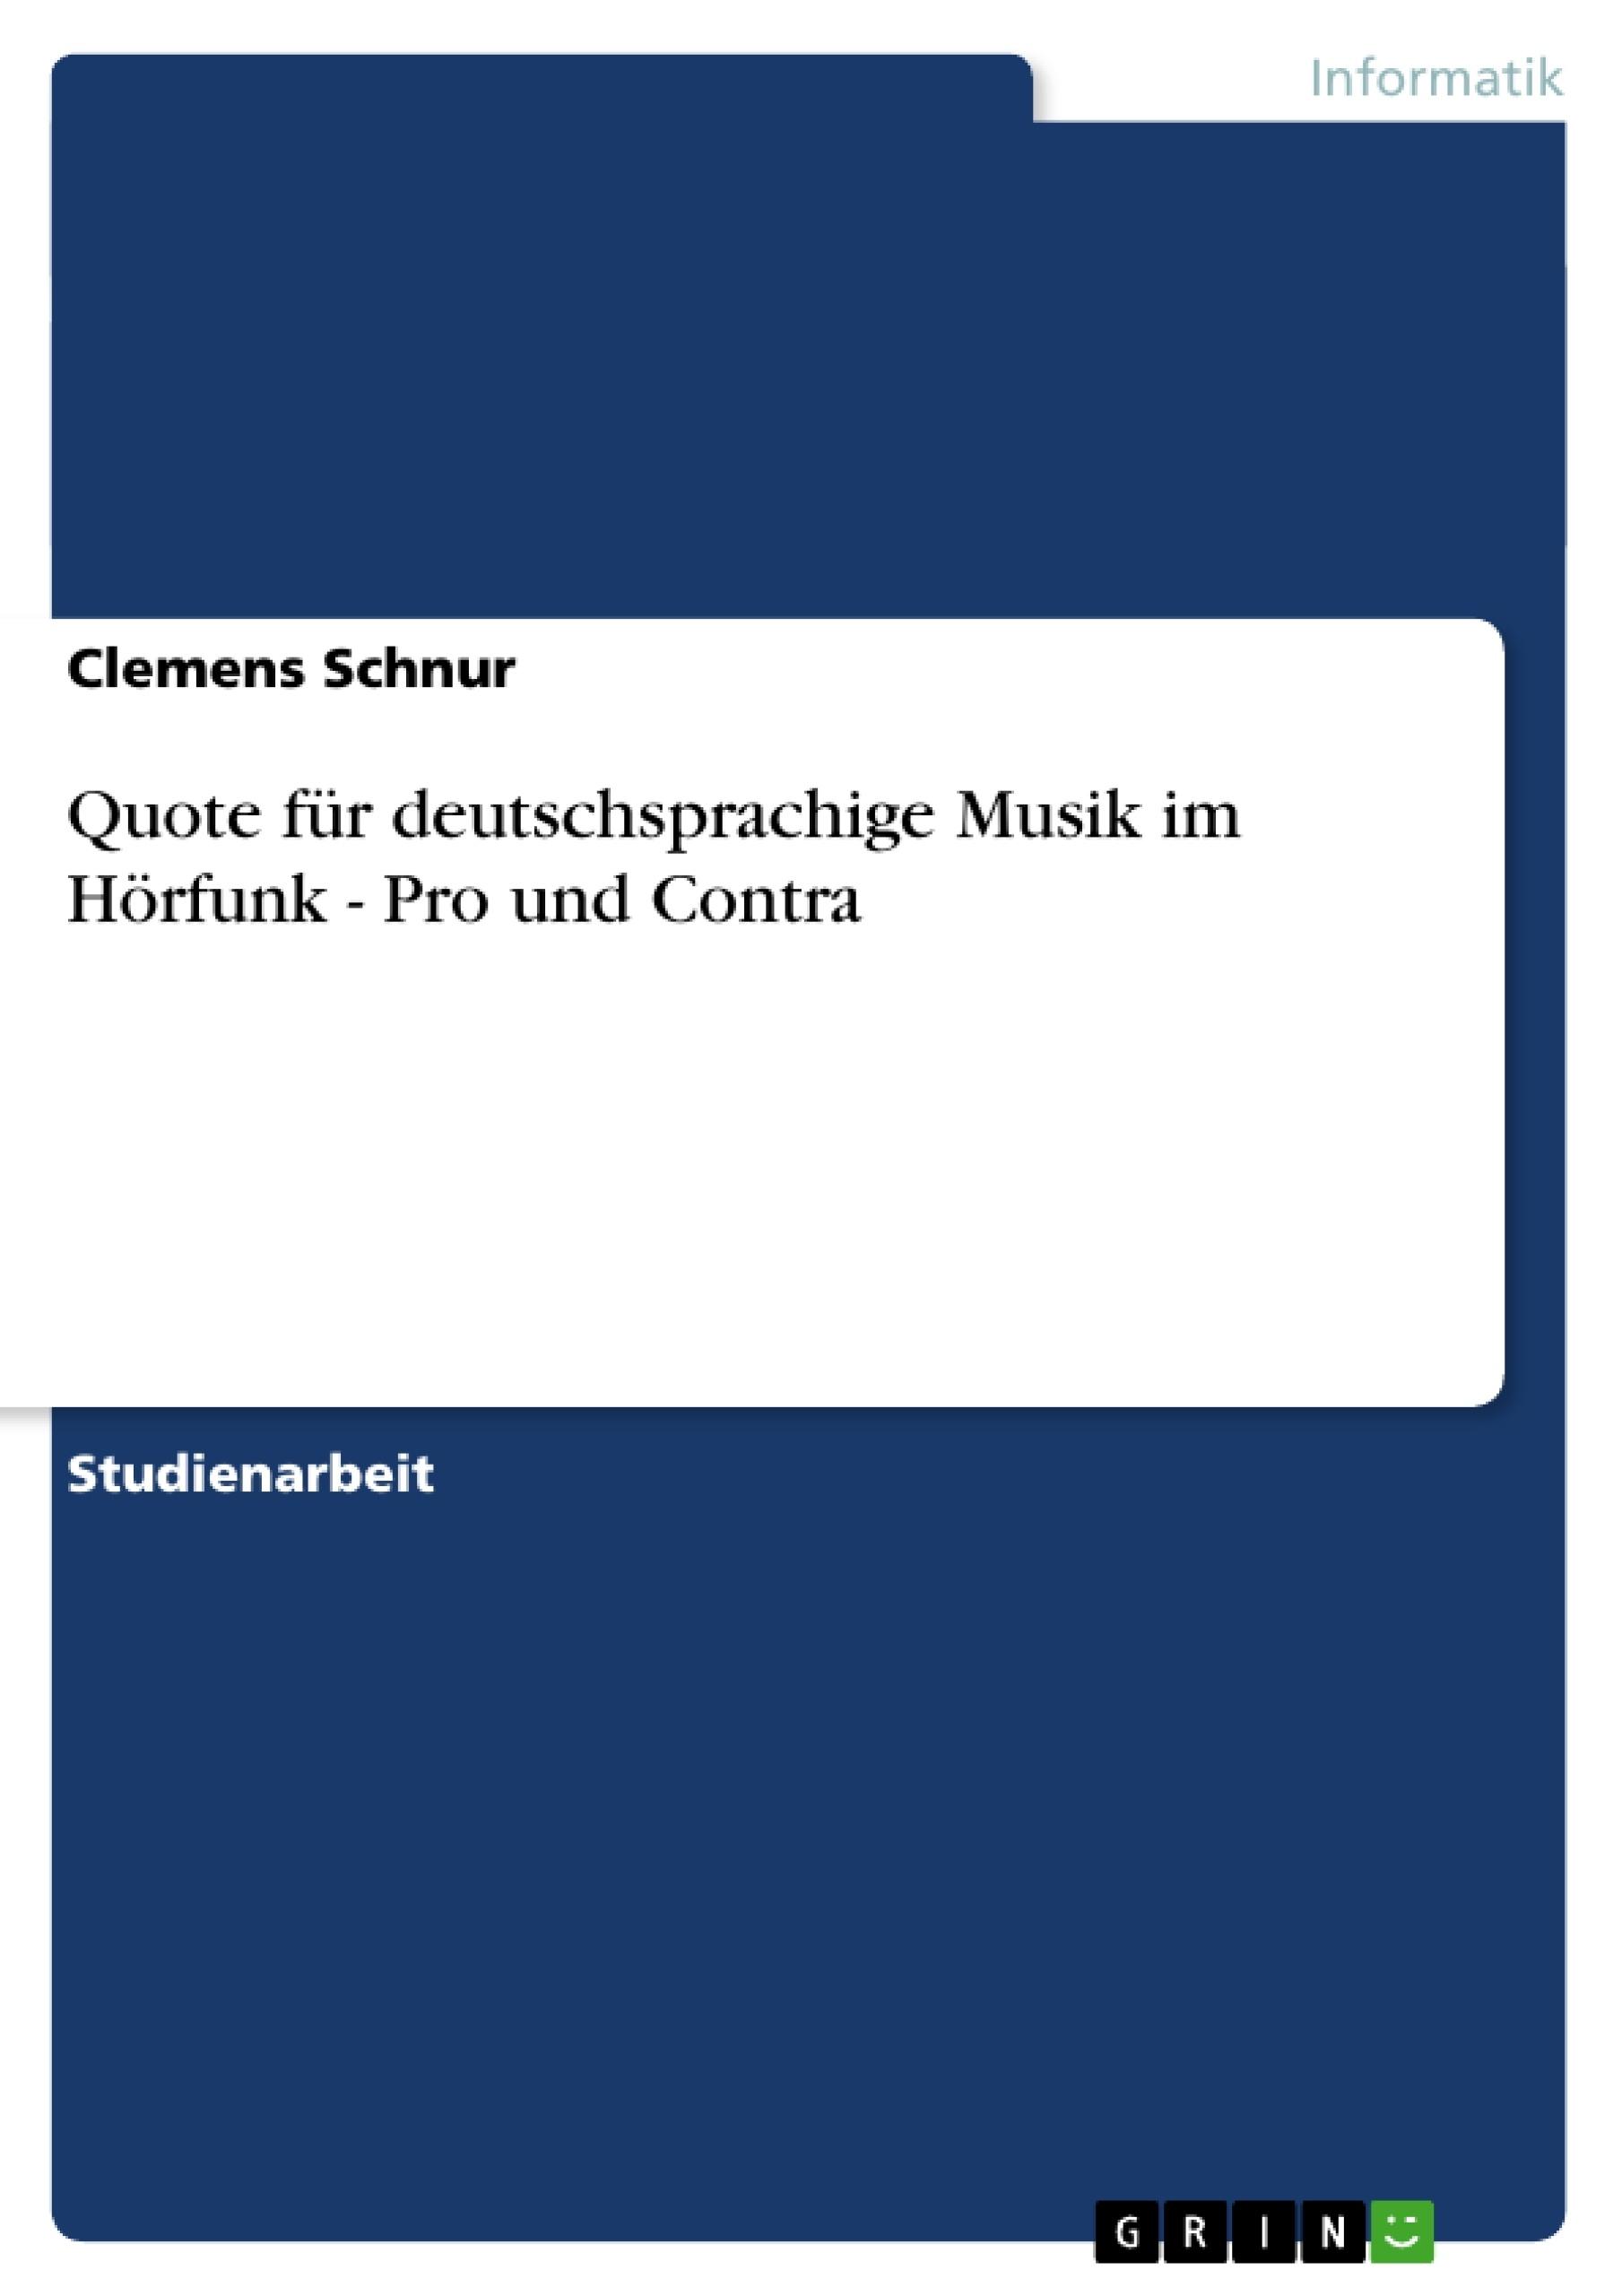 Titel: Quote für deutschsprachige Musik im Hörfunk - Pro und Contra